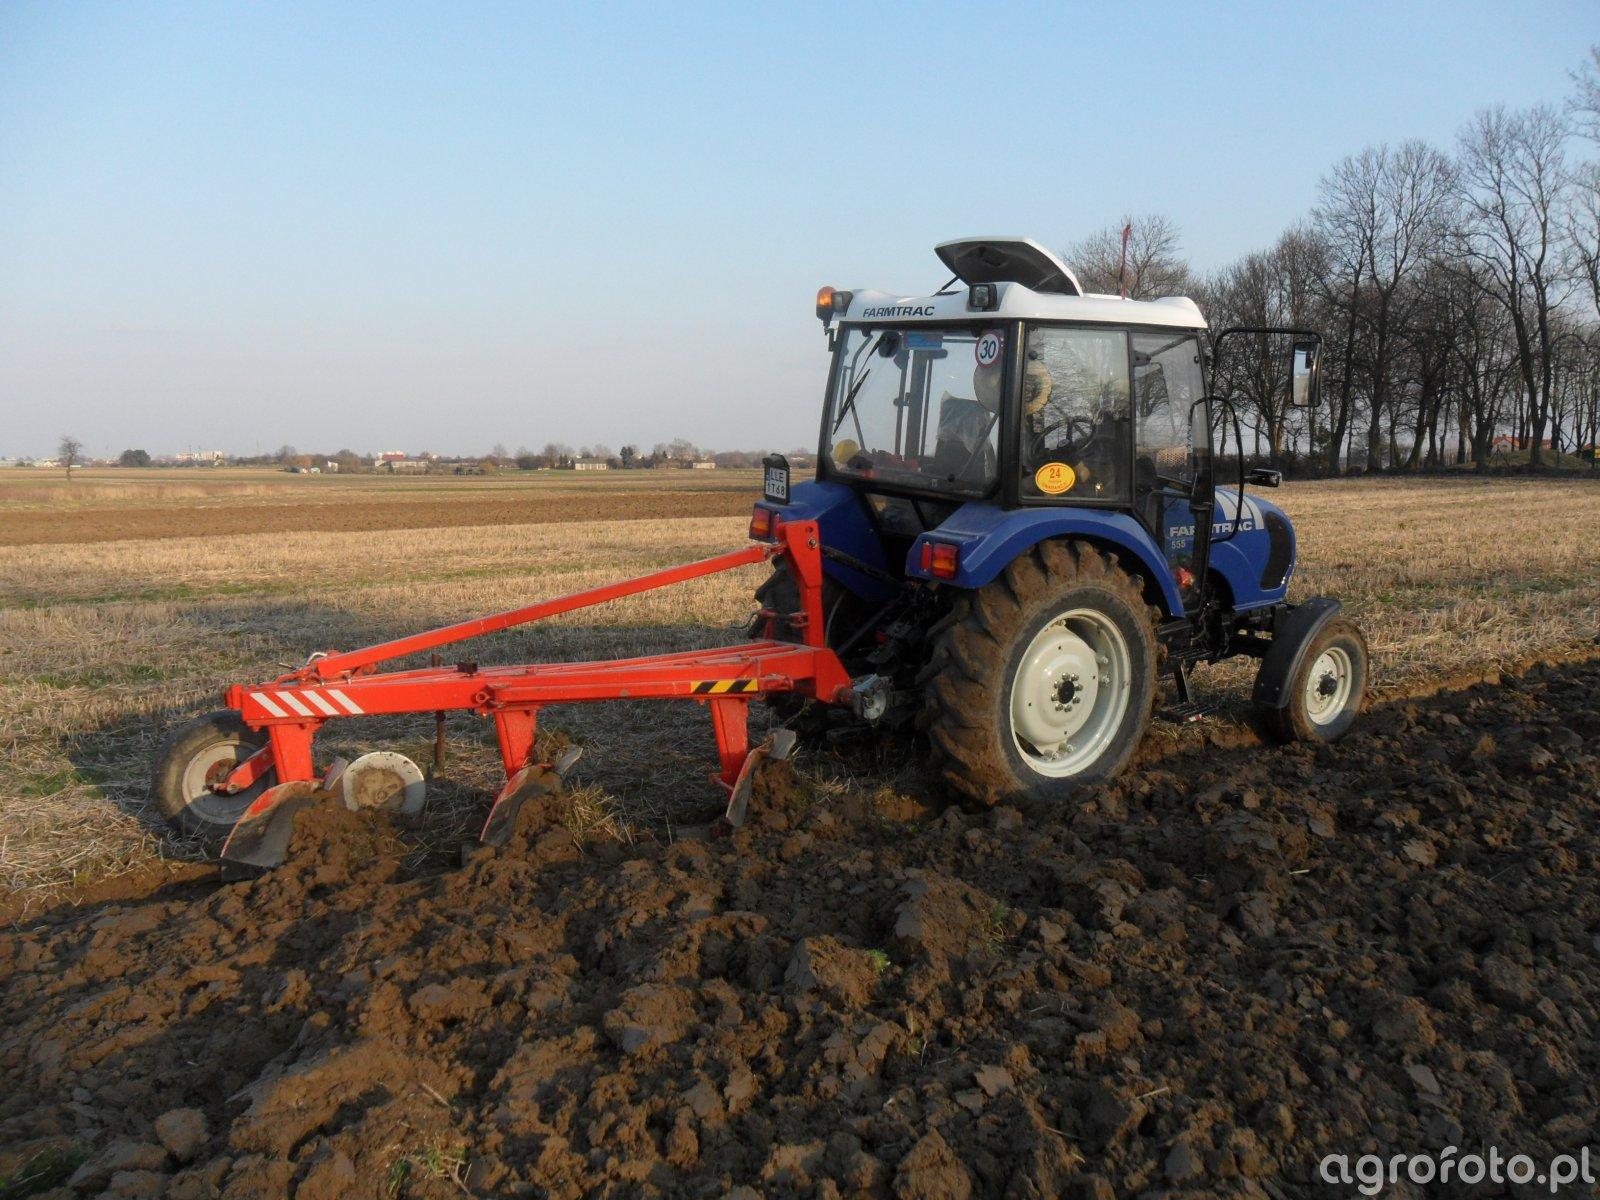 Farmtrac 555 + Awemak 3x40